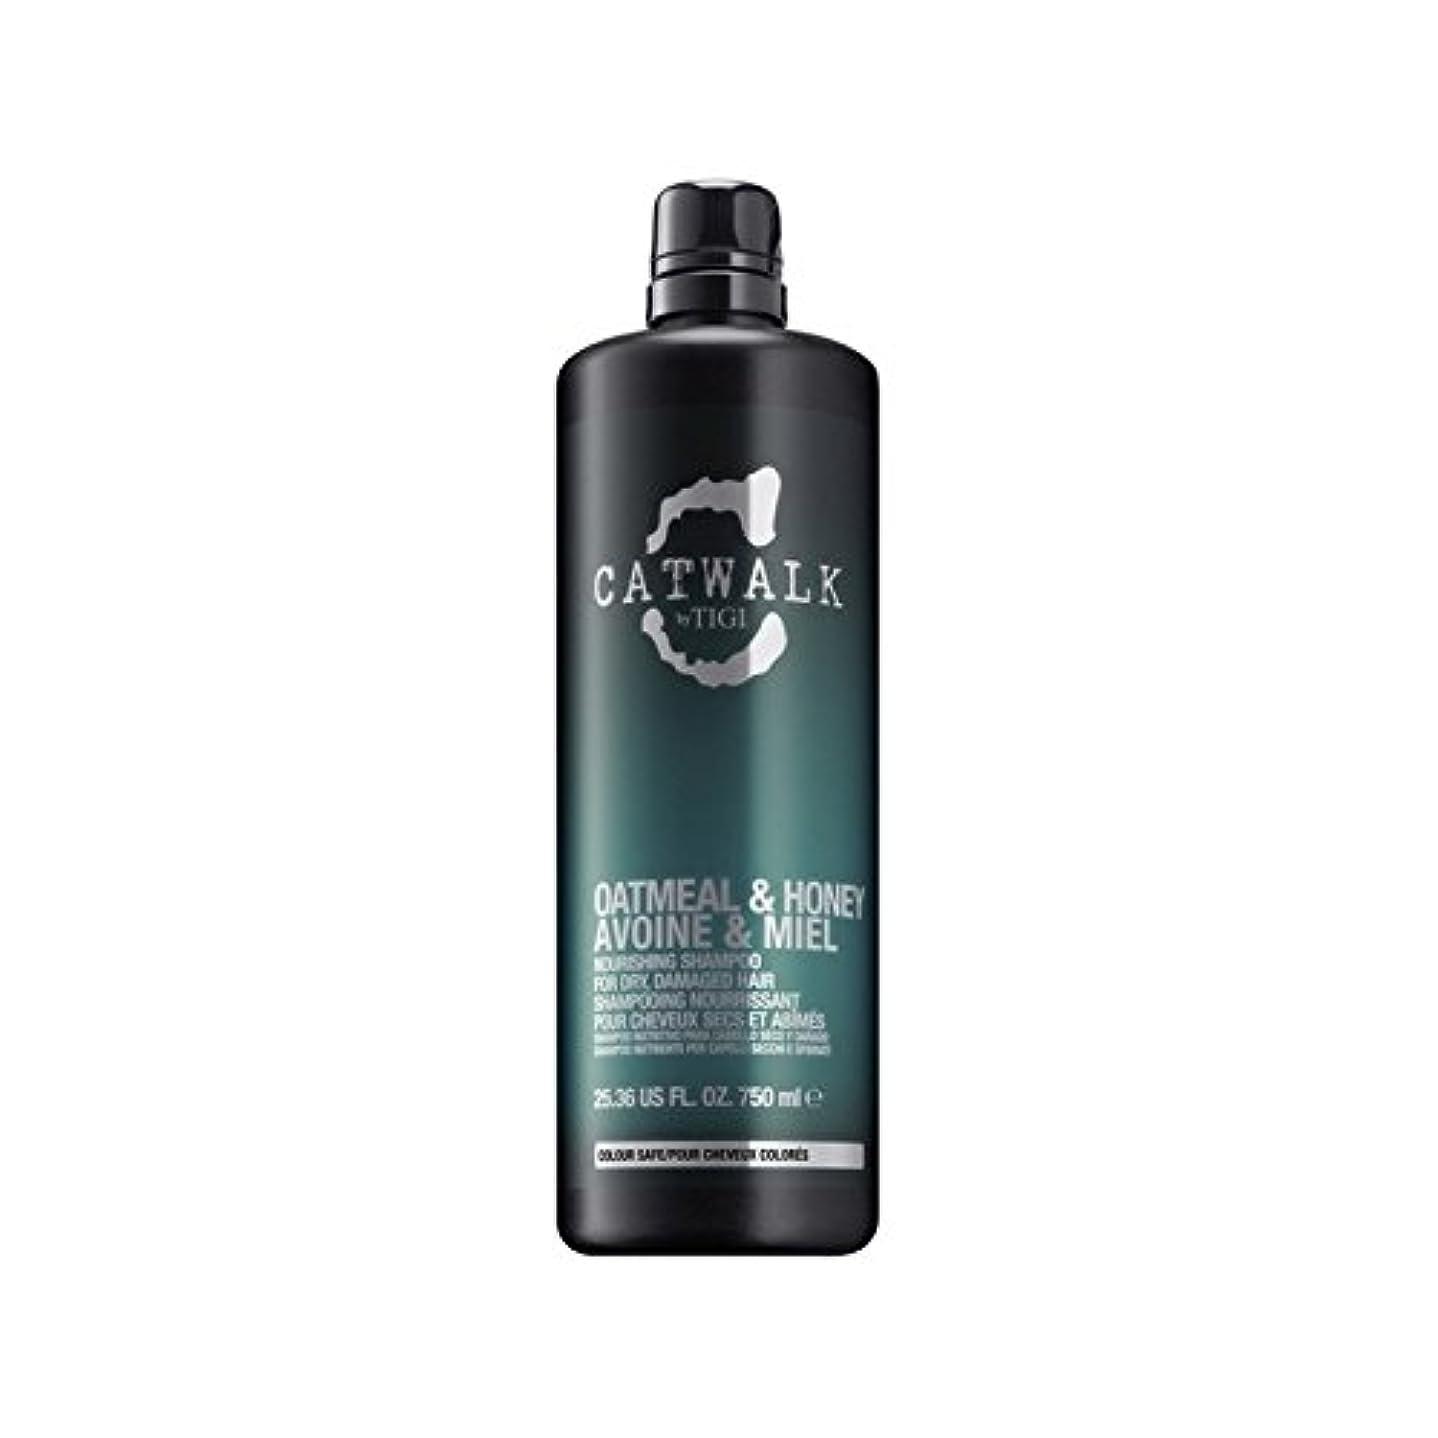 粗い嵐のグレードTigi Catwalk Oatmeal & Honey Nourishing Shampoo (750ml) (Pack of 6) - ティジーキャットウォークオートミール&ハニー栄養シャンプー(750ミリリットル) x6 [並行輸入品]